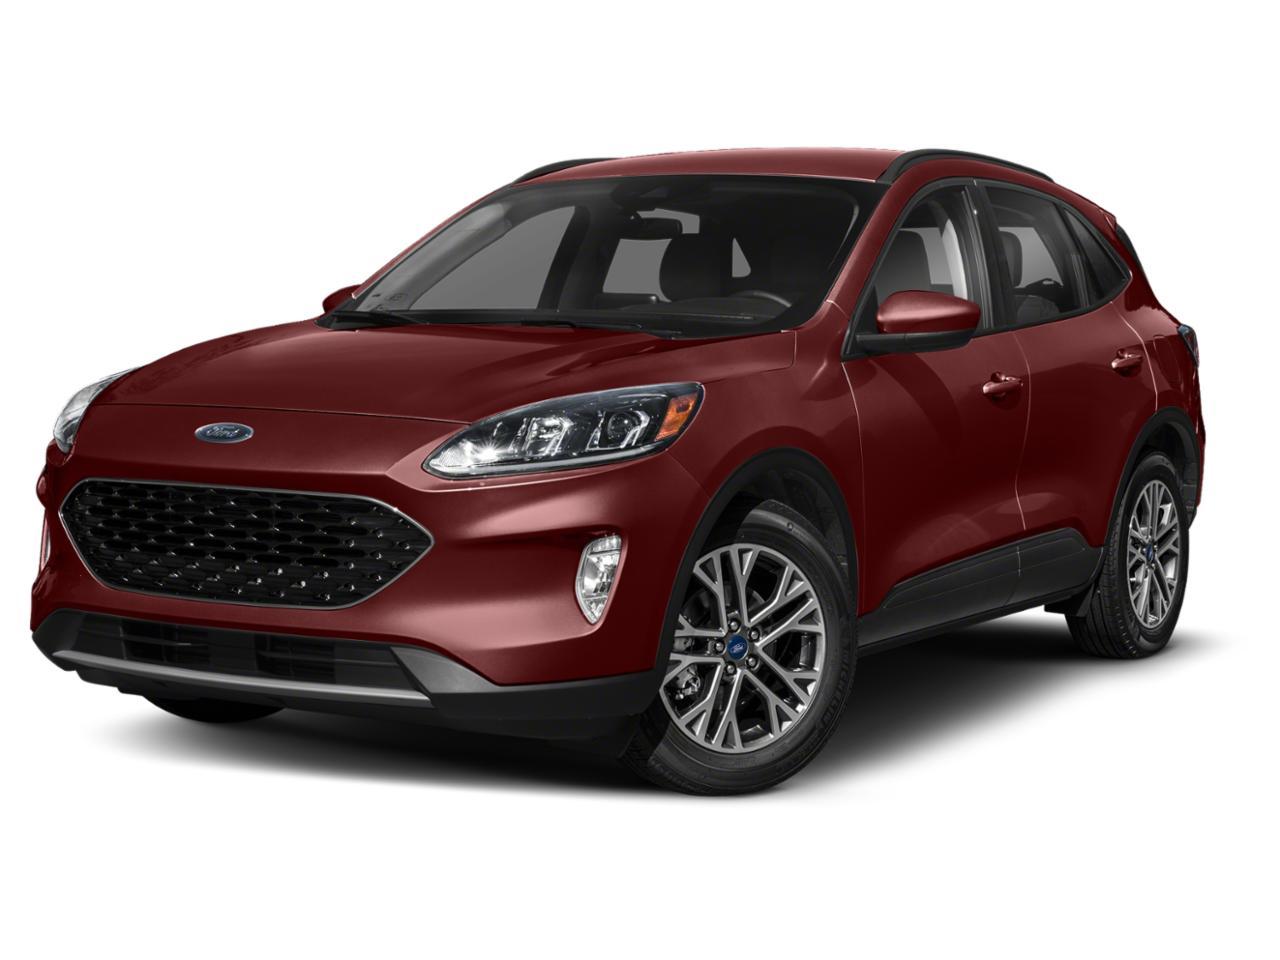 2021 Ford Escape Vehicle Photo in Oshkosh, WI 54901-1209